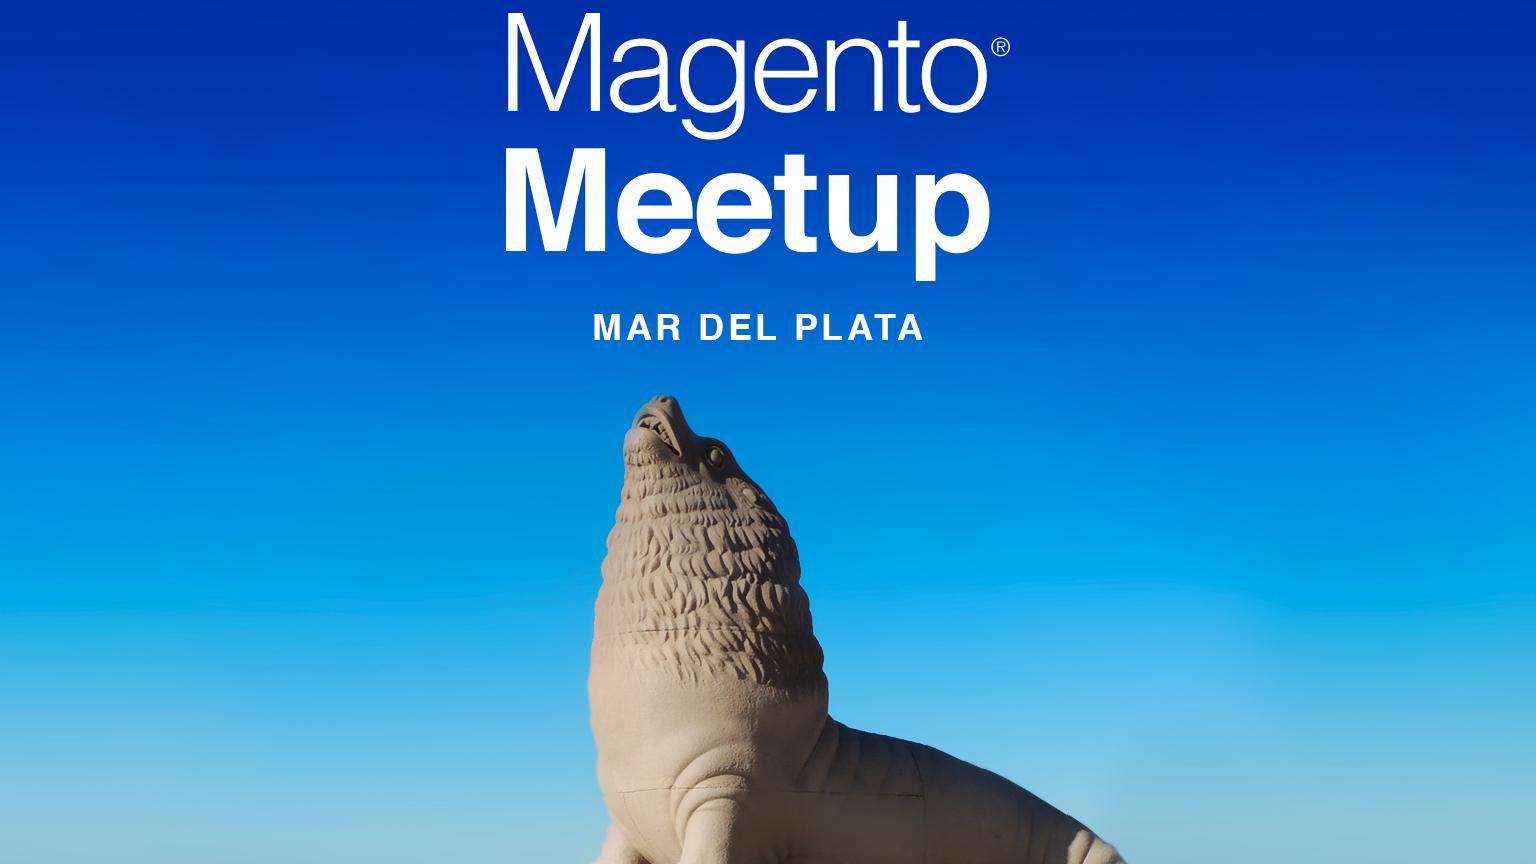 Magento Meetup Mar del Plata